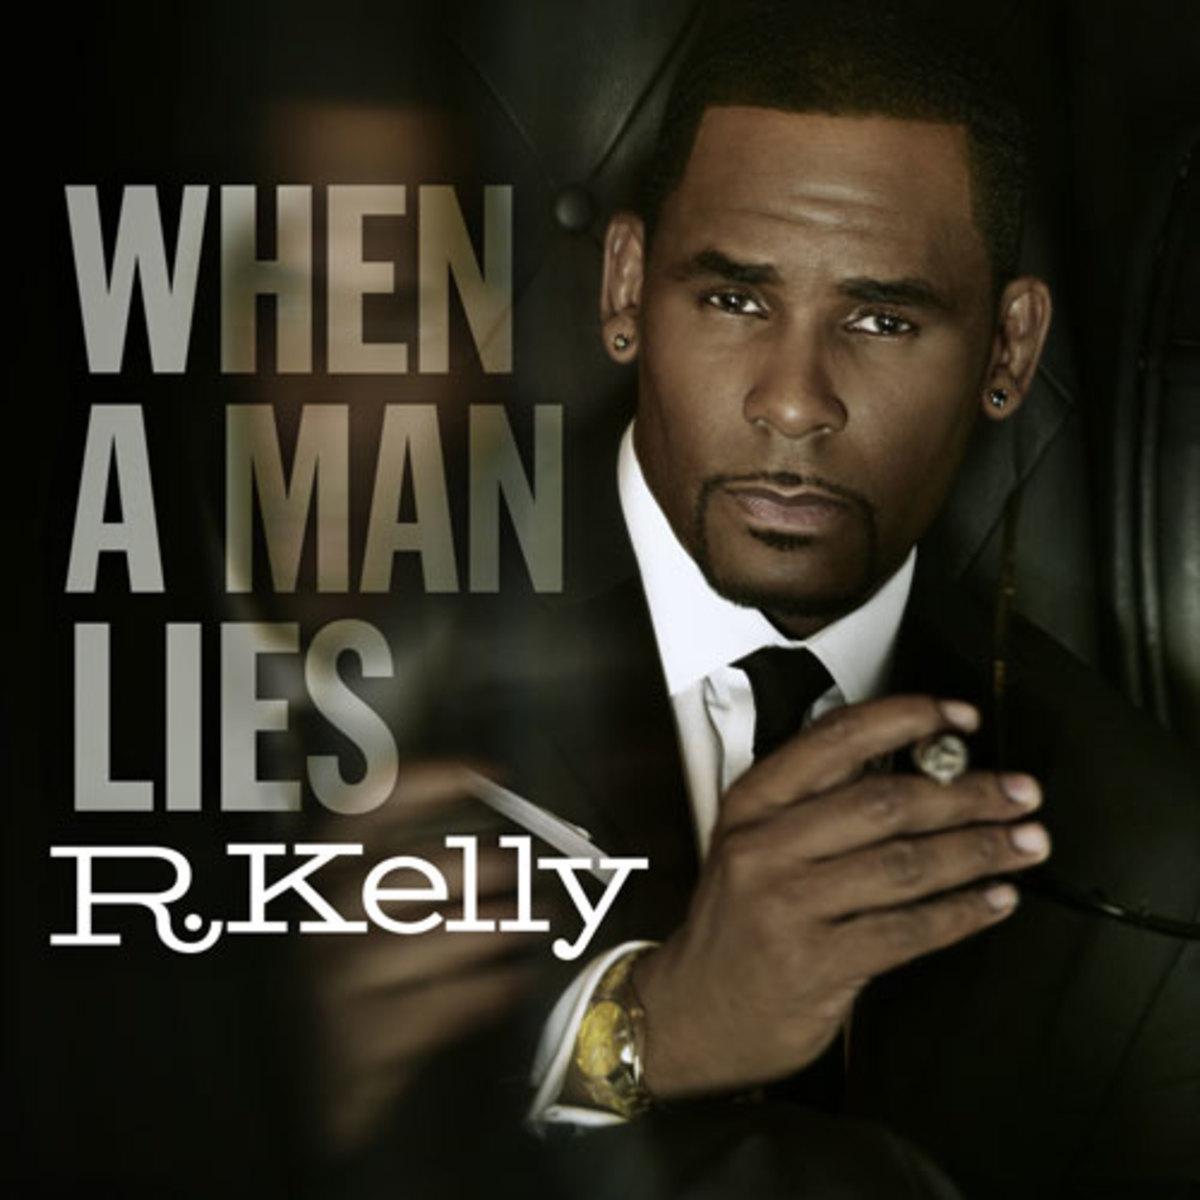 rkelly-whenamanlies.jpg